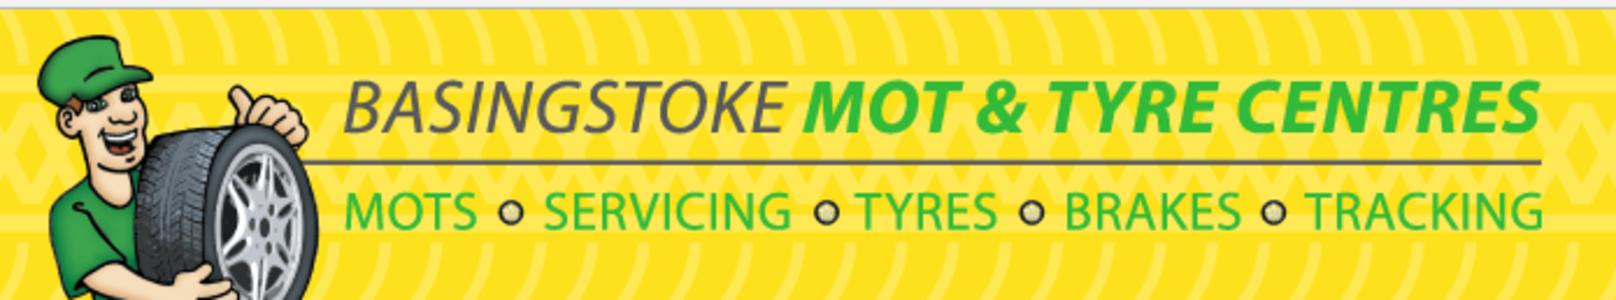 Basingstoke MOT & Tyre Centre - Daneshill Industrial Estate